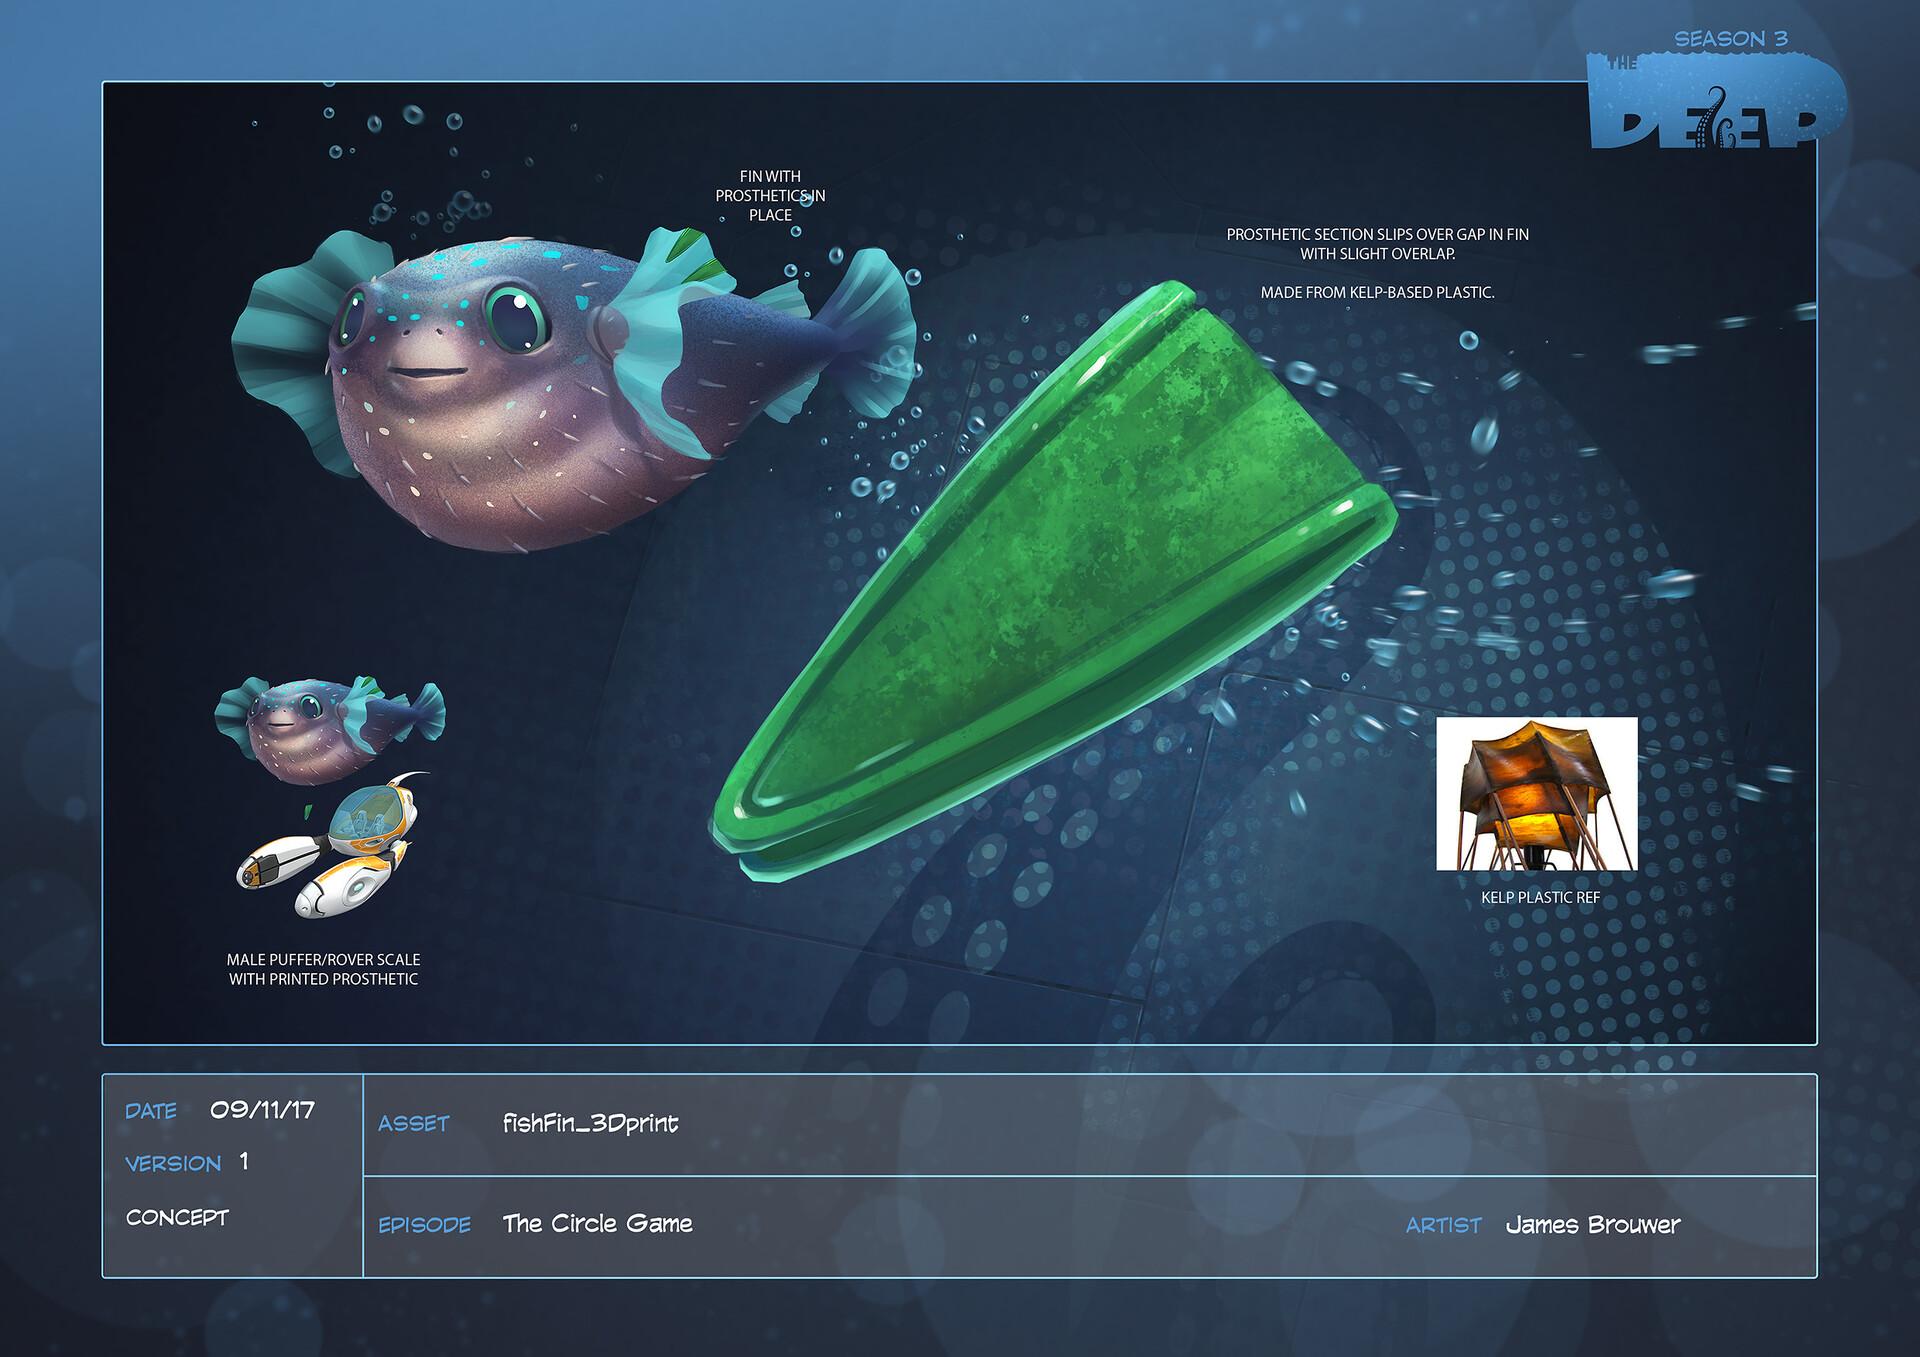 James brouwer fishfin 3dprint design v001